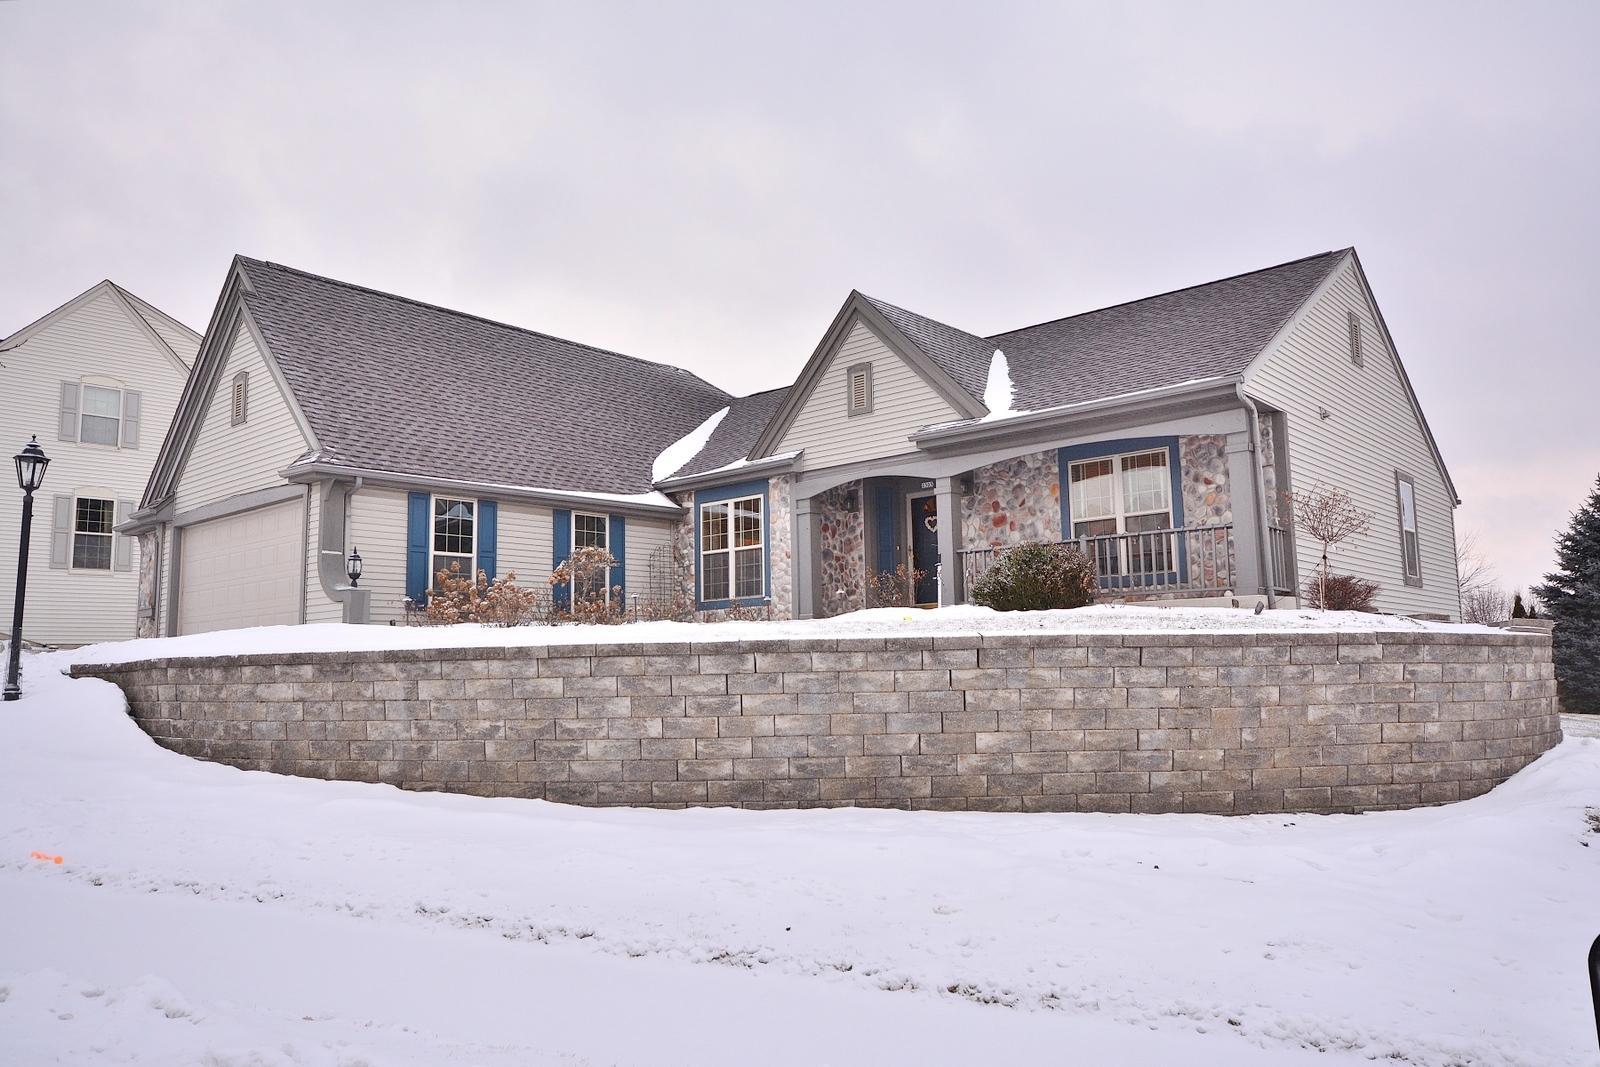 2305 Rickert Dr, Waukesha, Wisconsin 53189, 3 Bedrooms Bedrooms, 8 Rooms Rooms,3 BathroomsBathrooms,Single-Family,For Sale,Rickert Dr,1622387